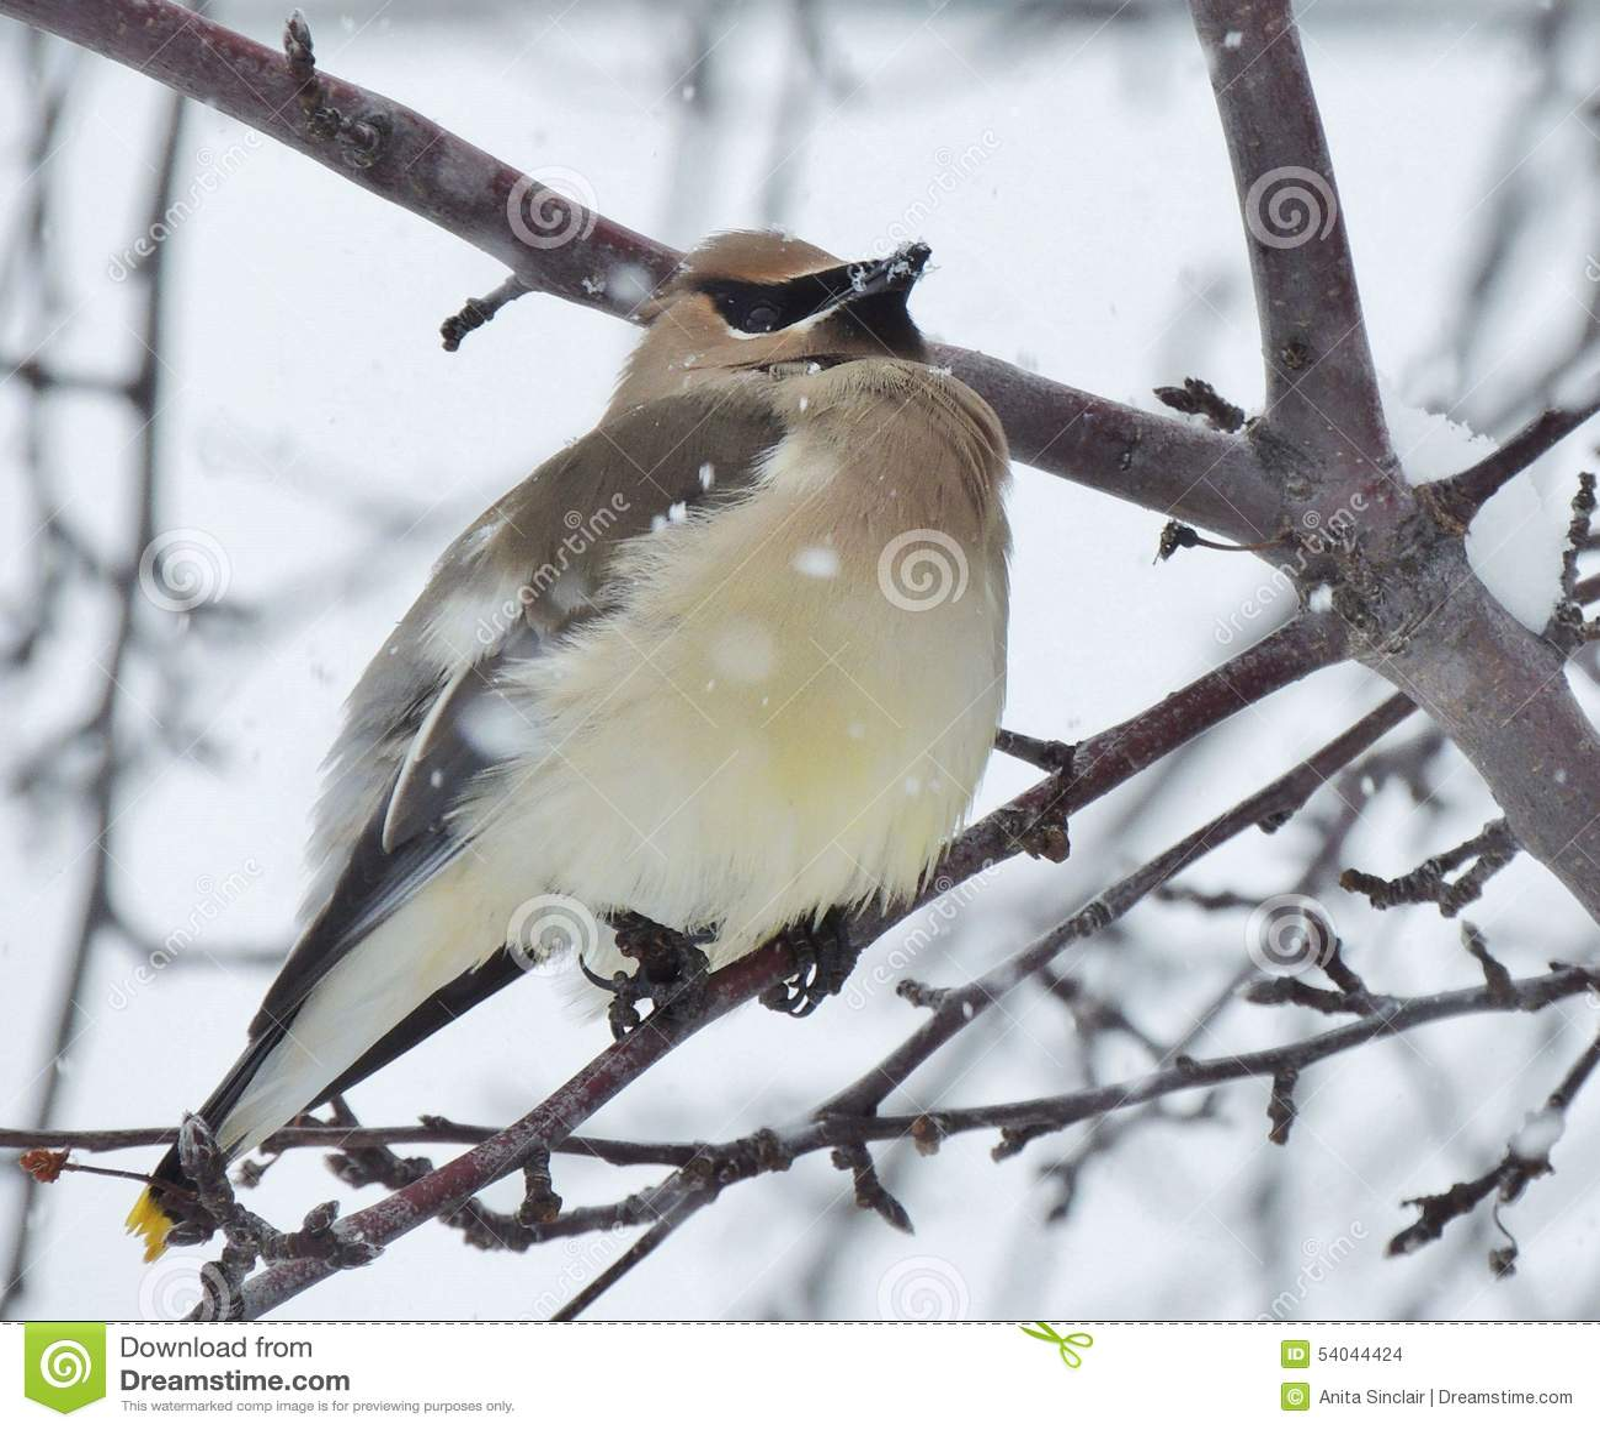 Un pequeño pájaro, un Waxwing bohemio, percas entre las ramas de un árbol estéril en un día nevoso